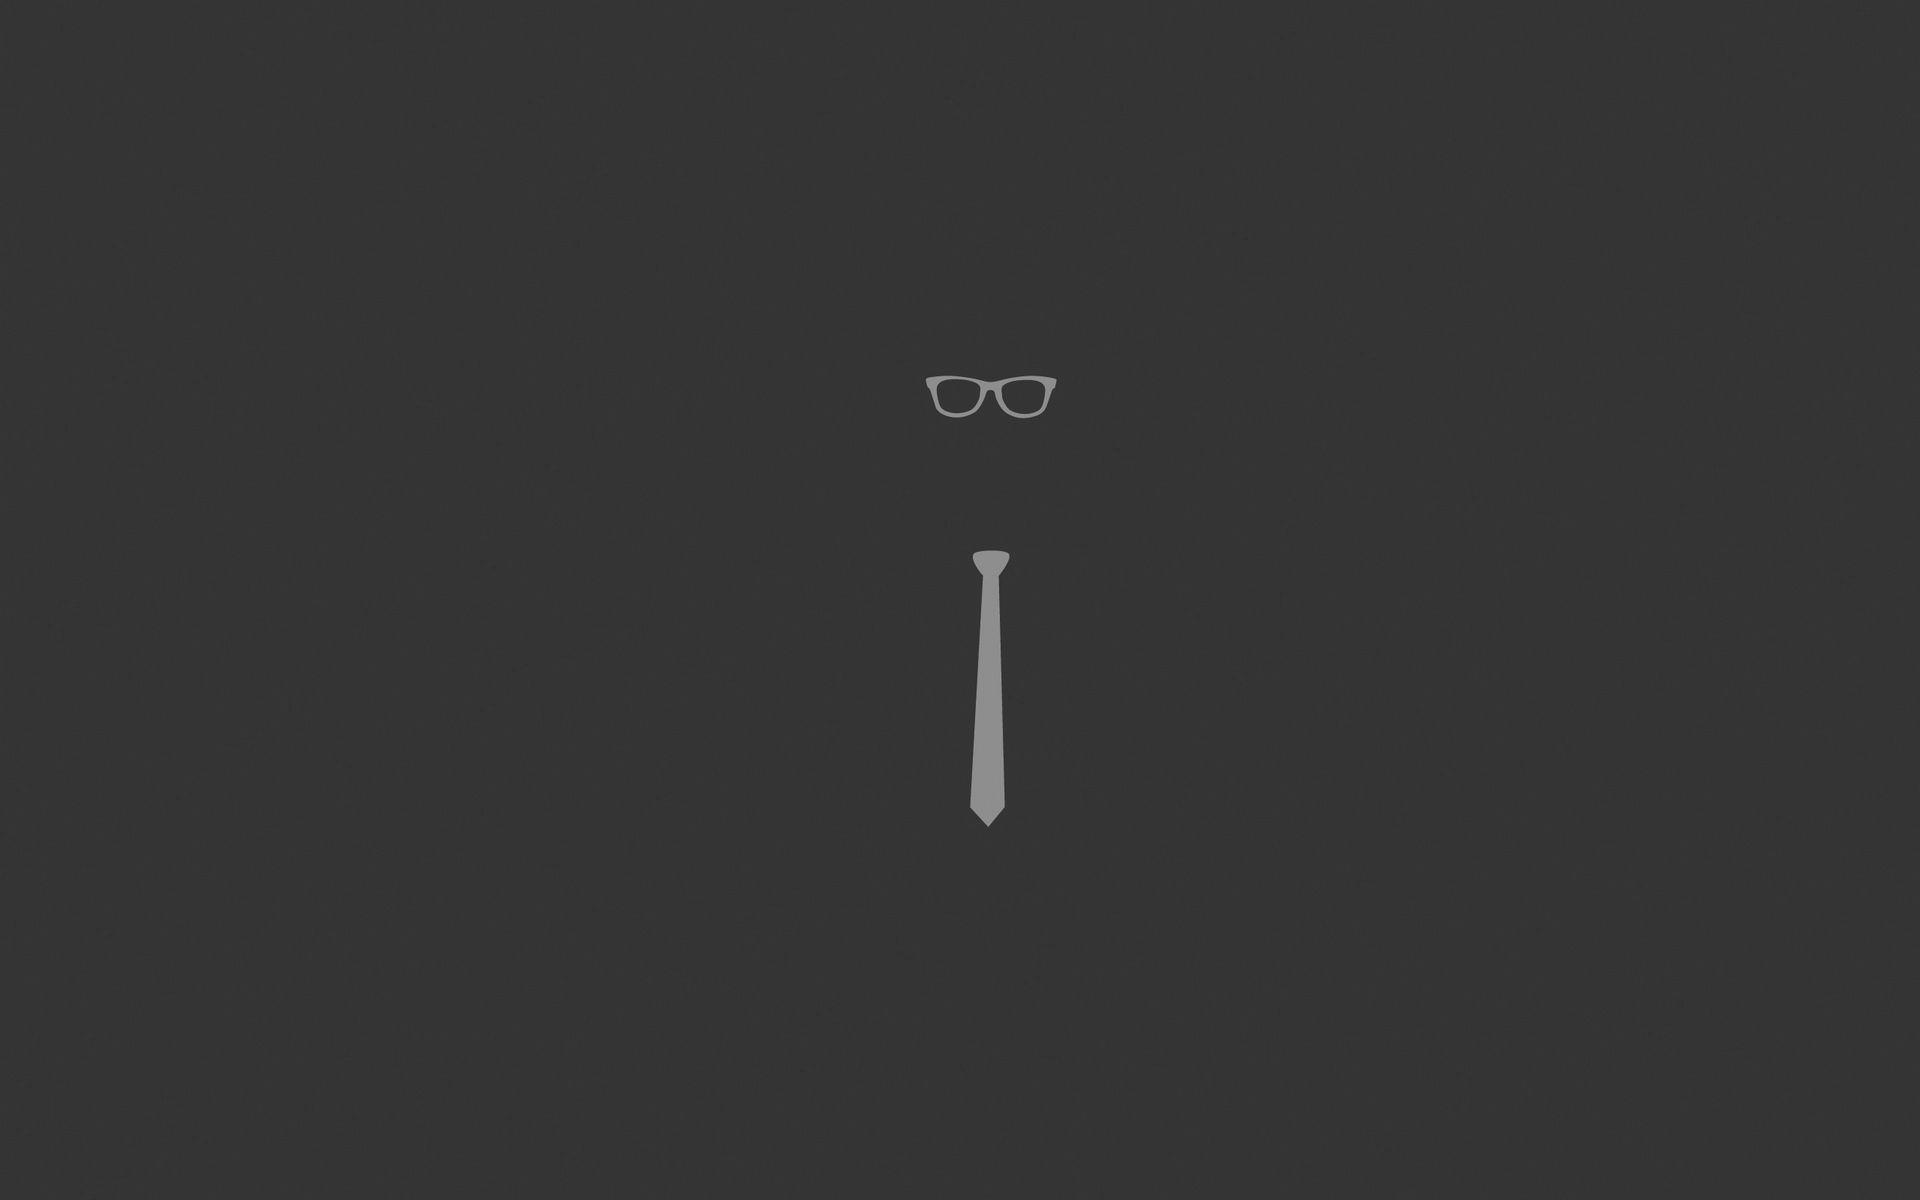 57097 papel de parede 320x480 em seu telefone gratuitamente, baixe imagens Desenho, Minimalismo, Foto, Copos, Óculos, Gravata, Amarrar 320x480 em seu celular